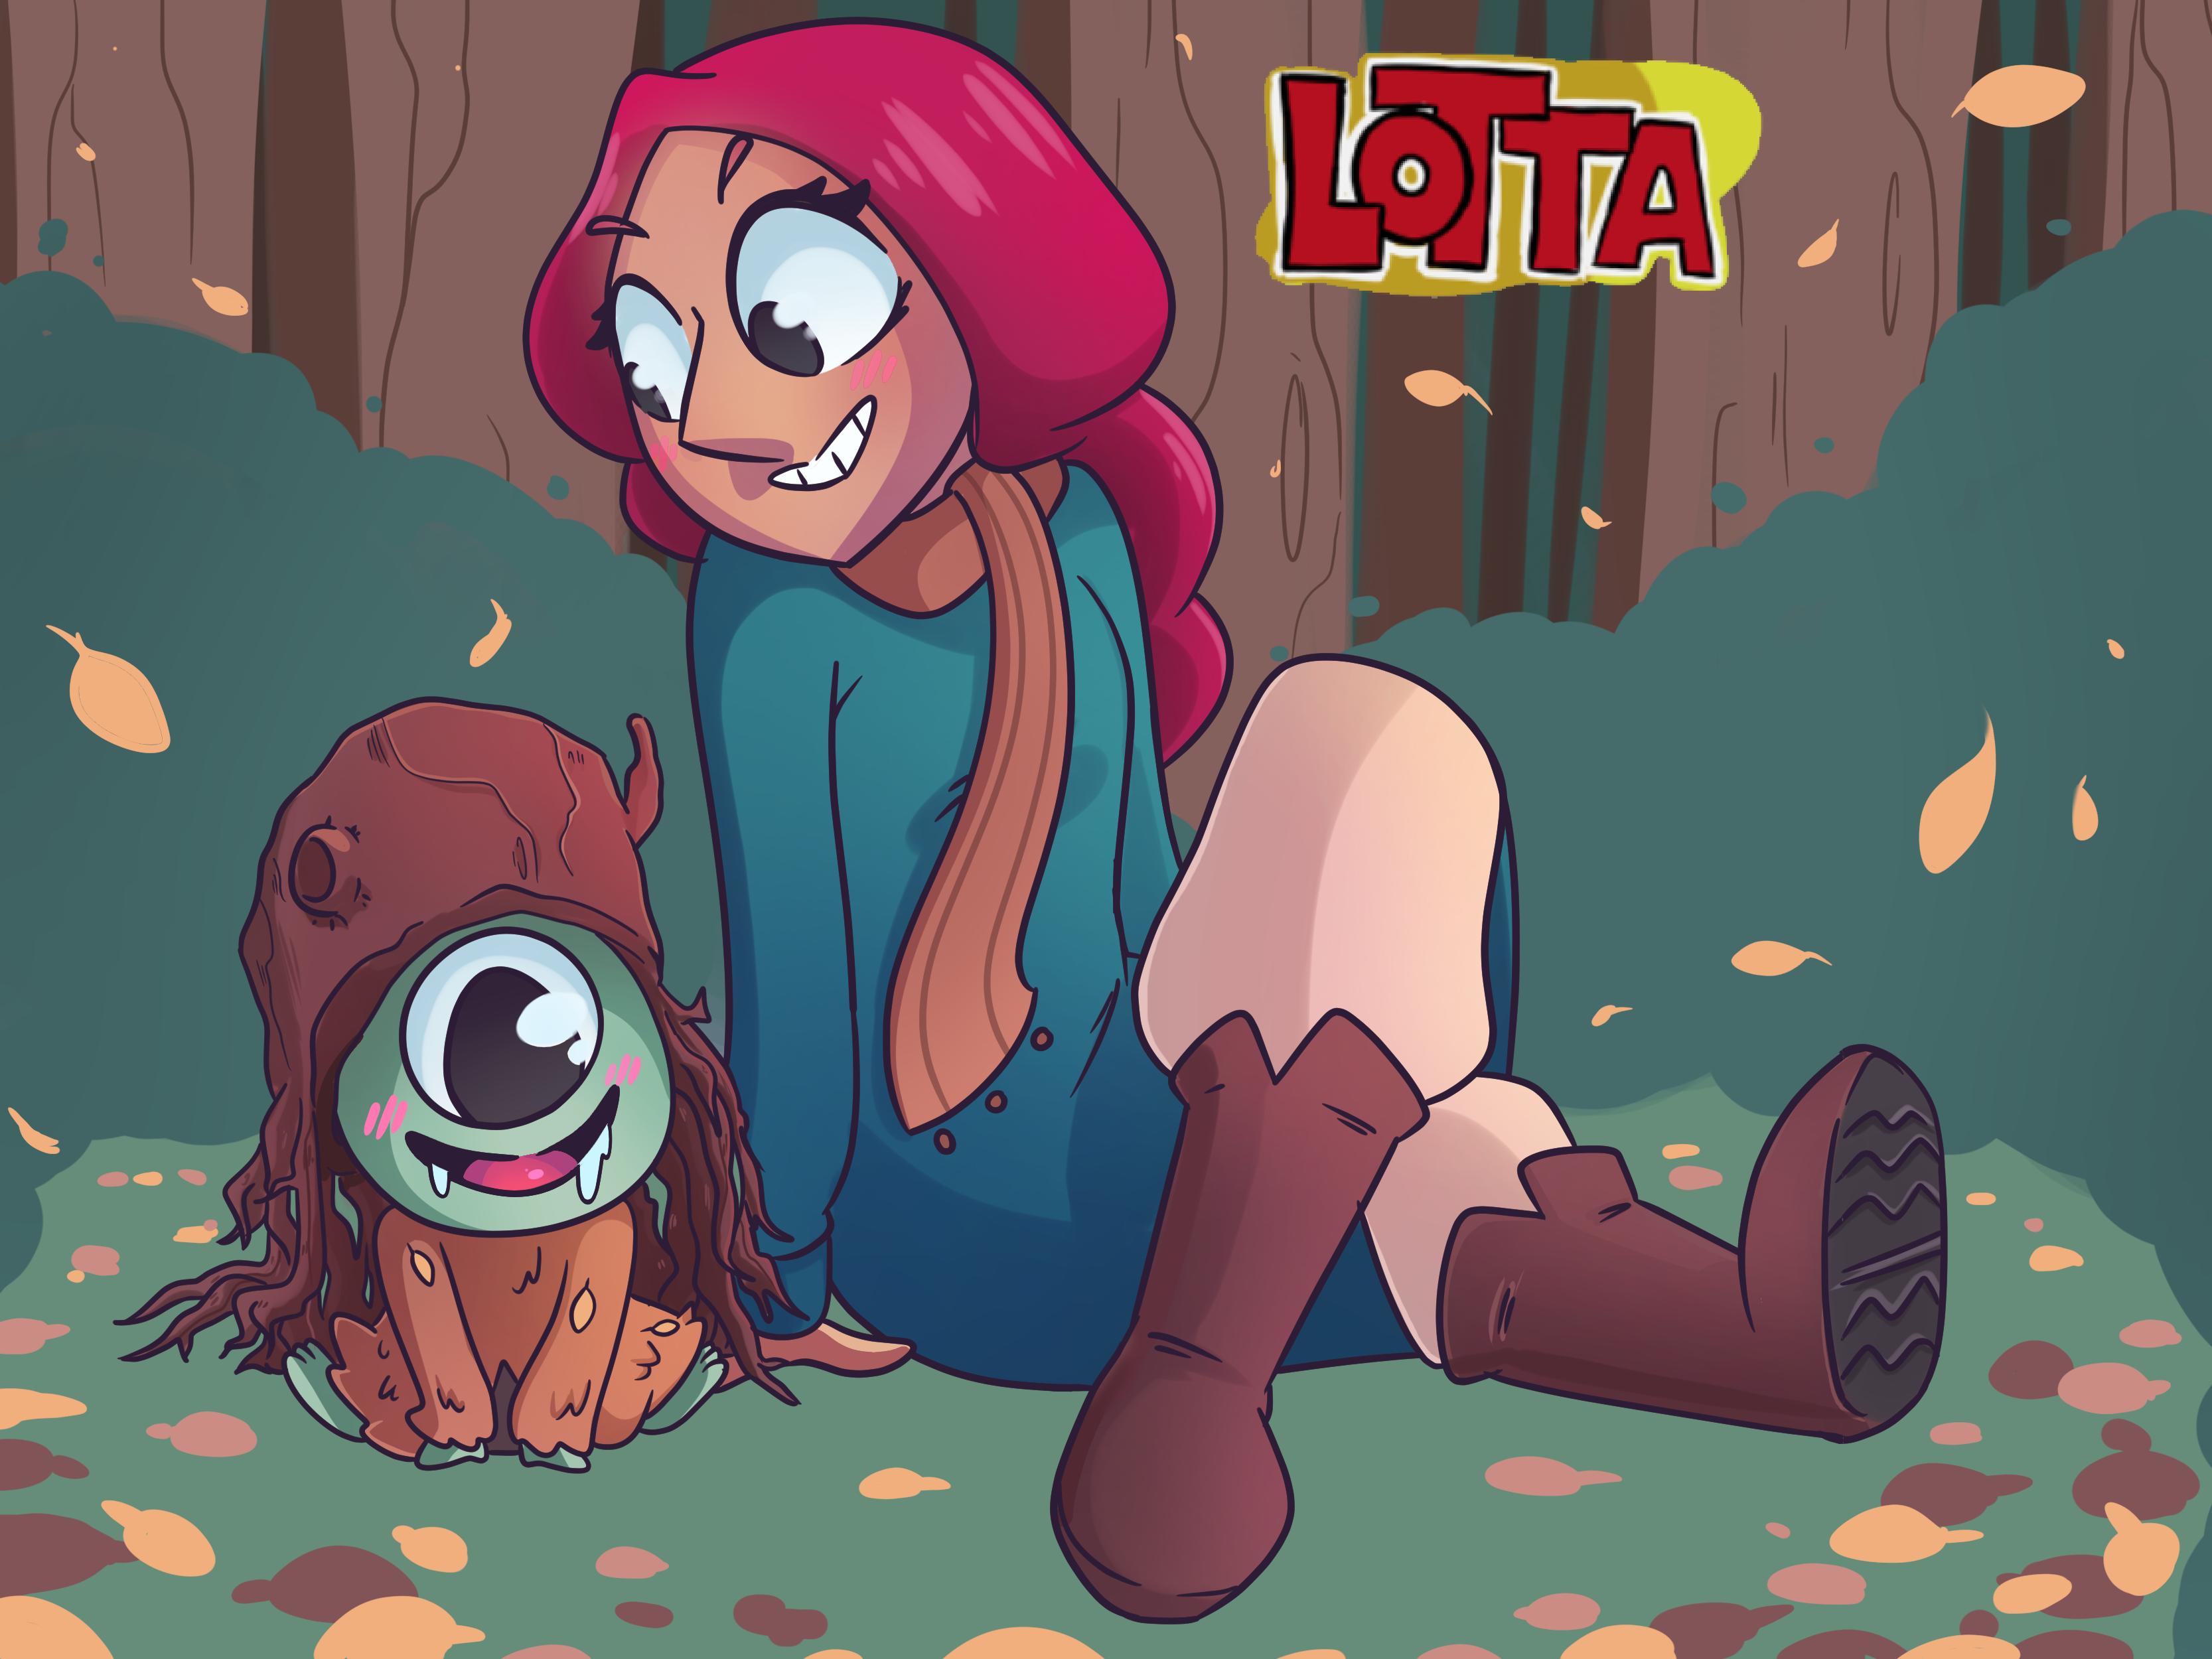 Lotta Webcomic Series Fanart